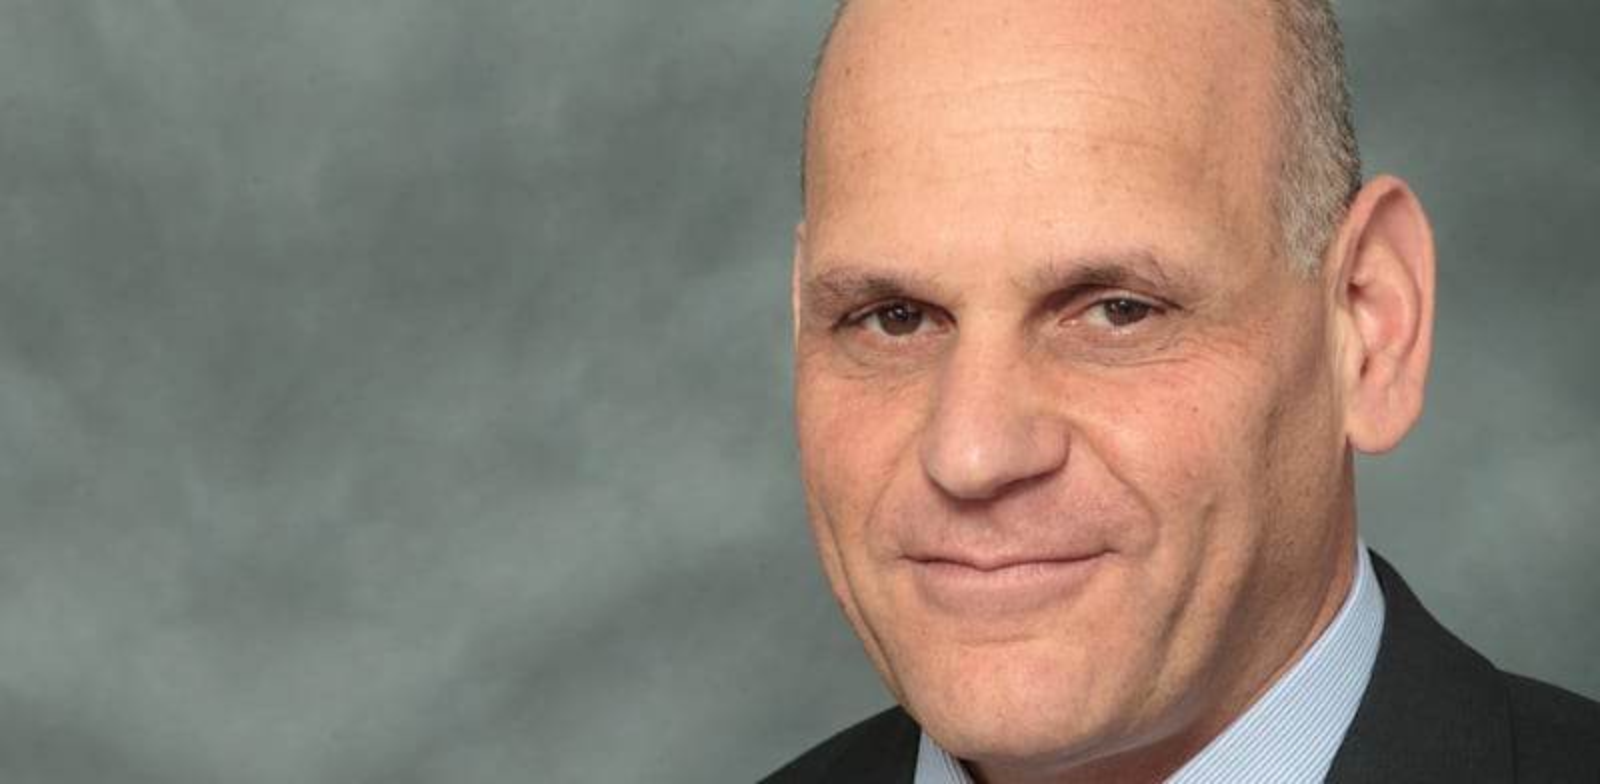 """בצלאל (בוצי) מכליס, נשיא ומנכ""""ל אלביט מערכות / צילום: אסף שילה/ישראל סאן"""